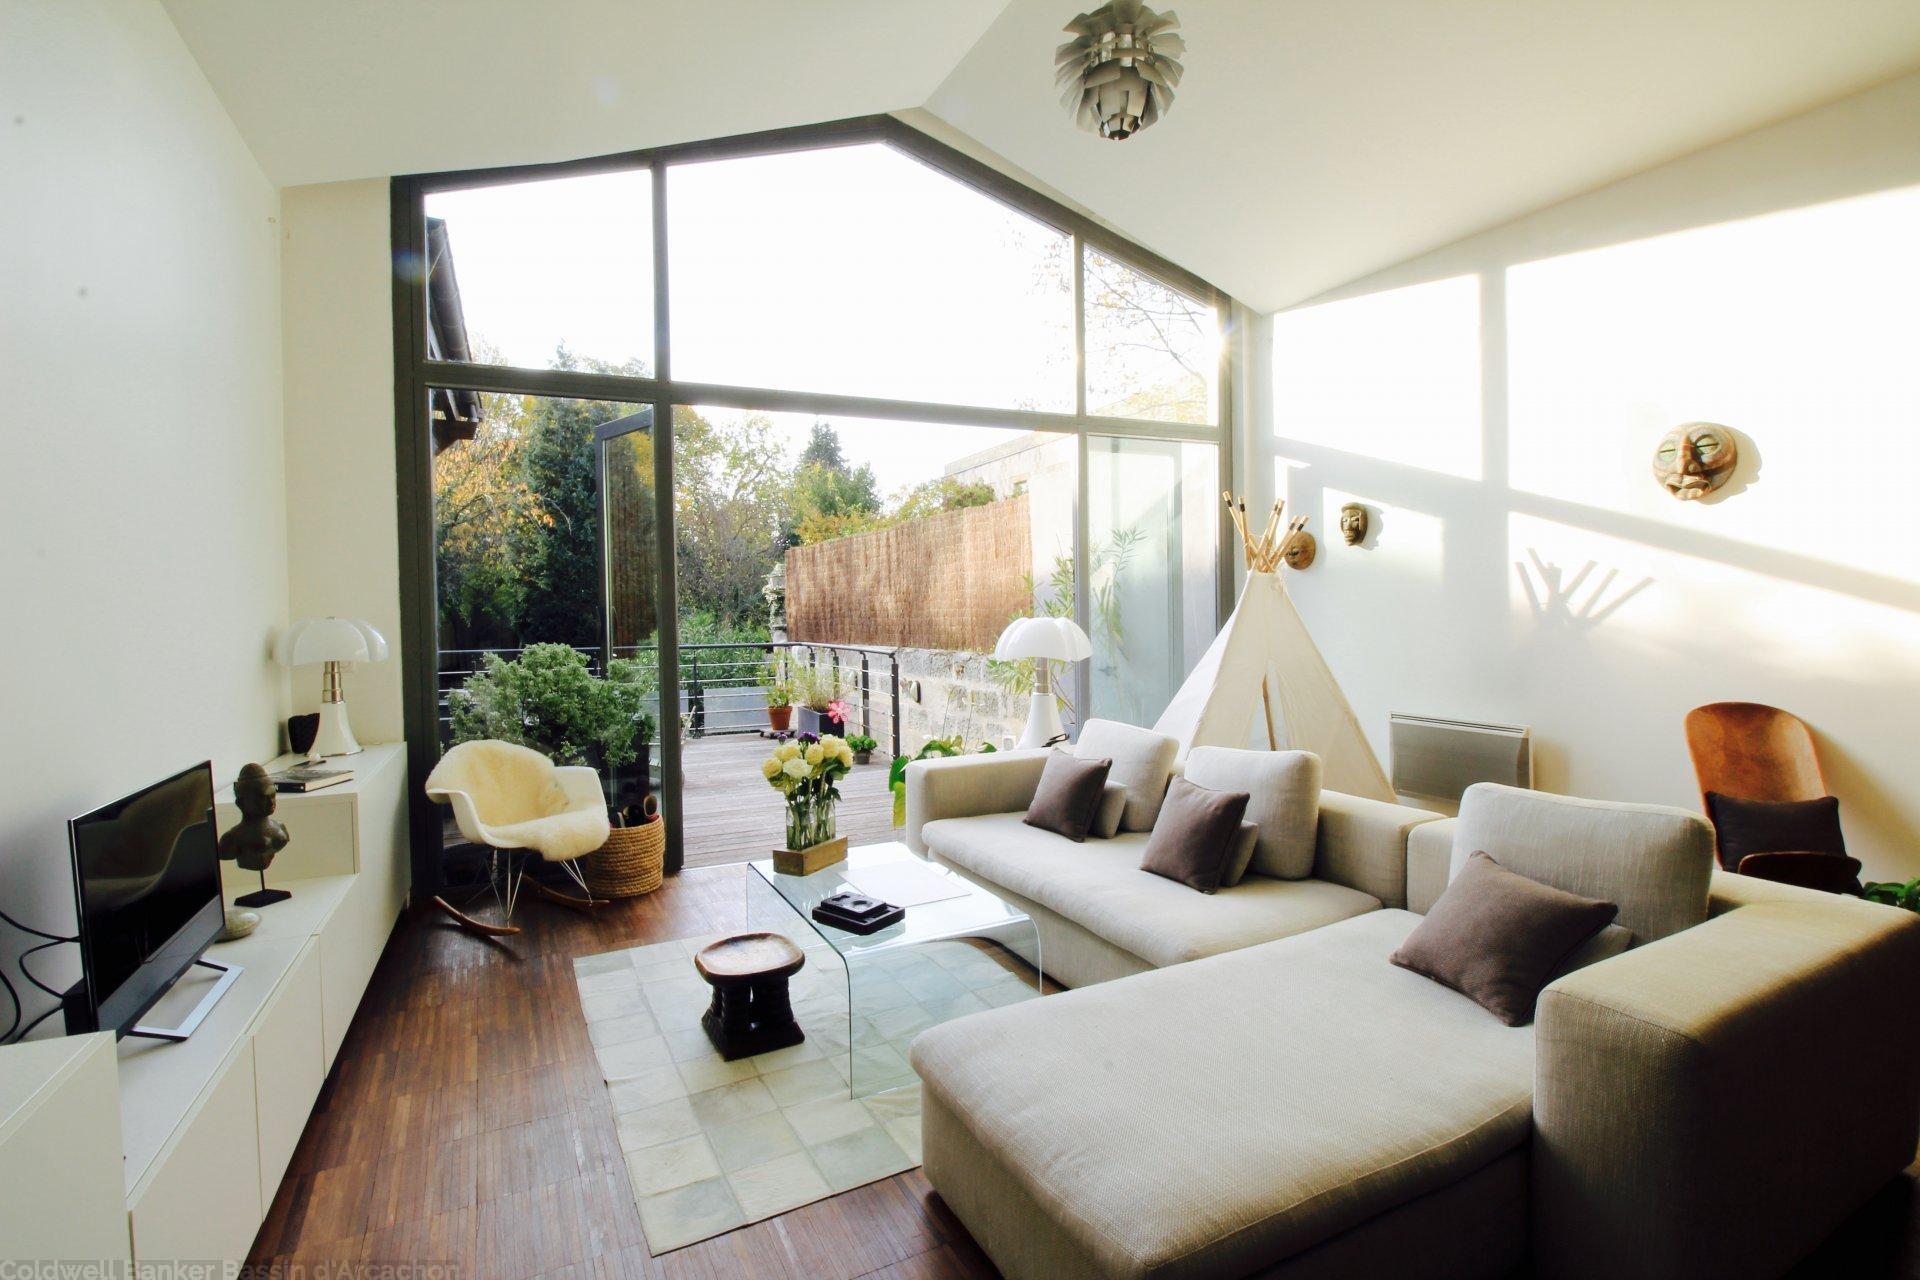 Maison plus 140 m2 3 chambres et jardin a vendre bordeaux barrière de toulouse